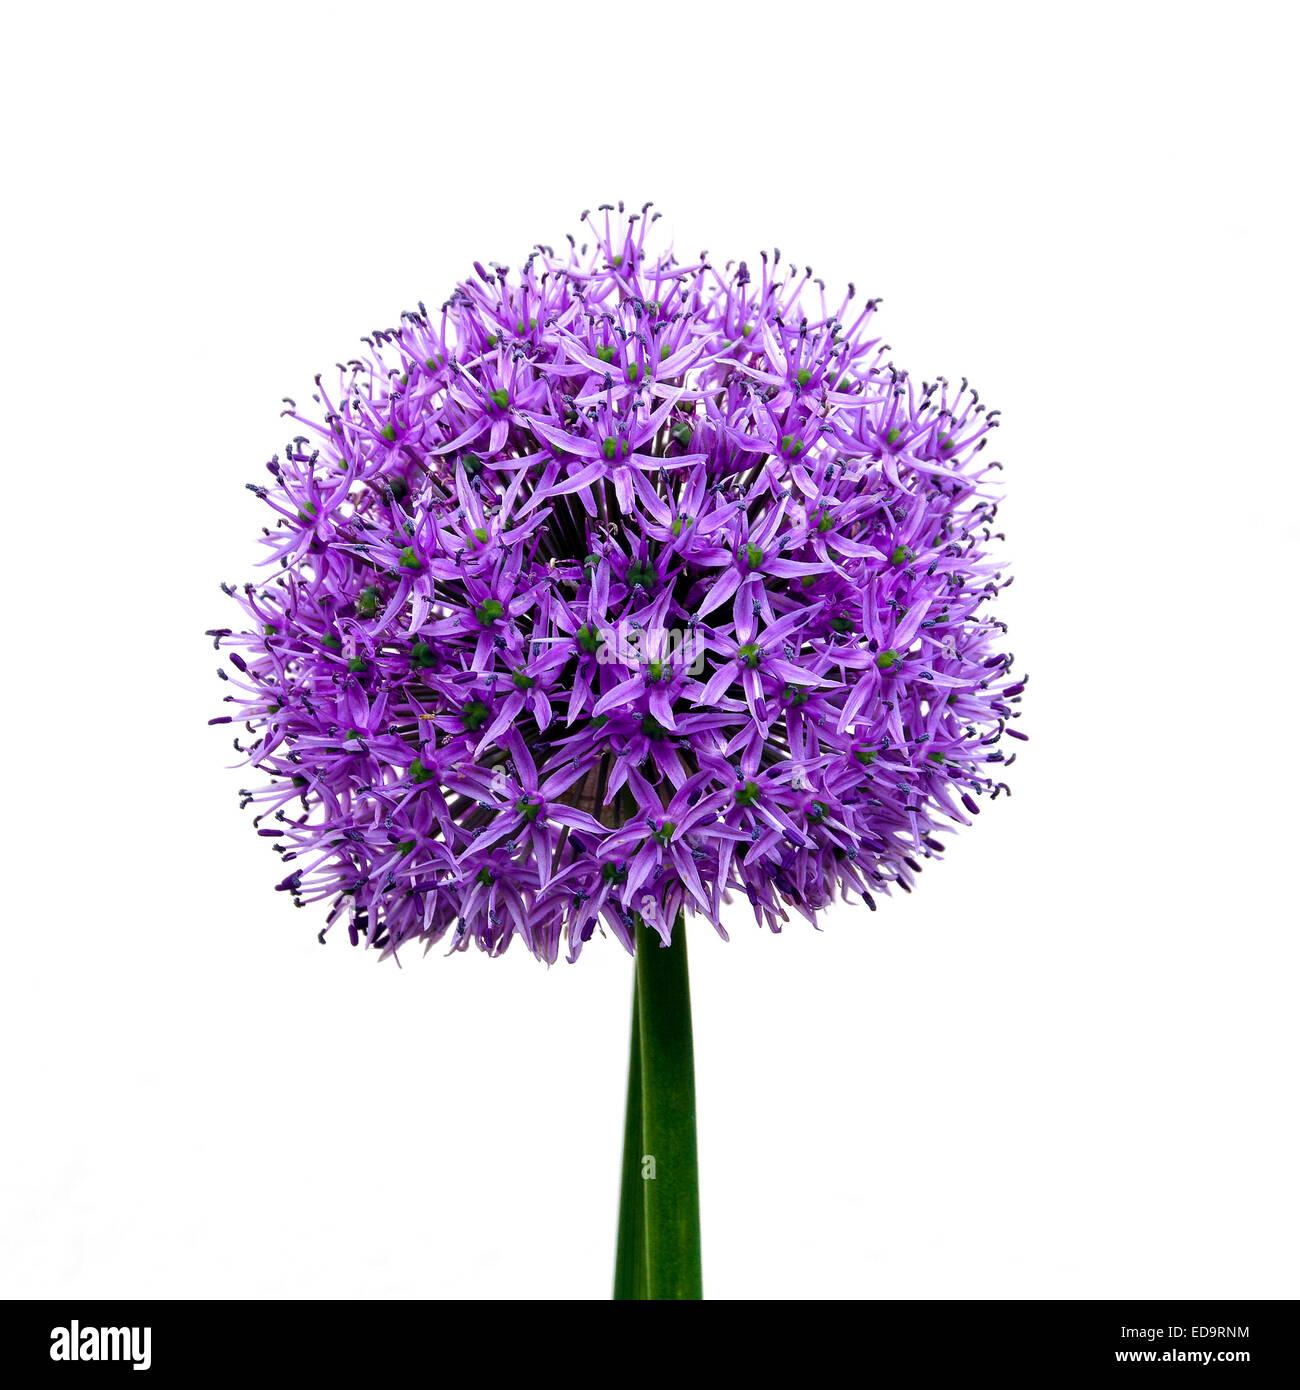 Allium impianto contro uno sfondo bianco Immagini Stock